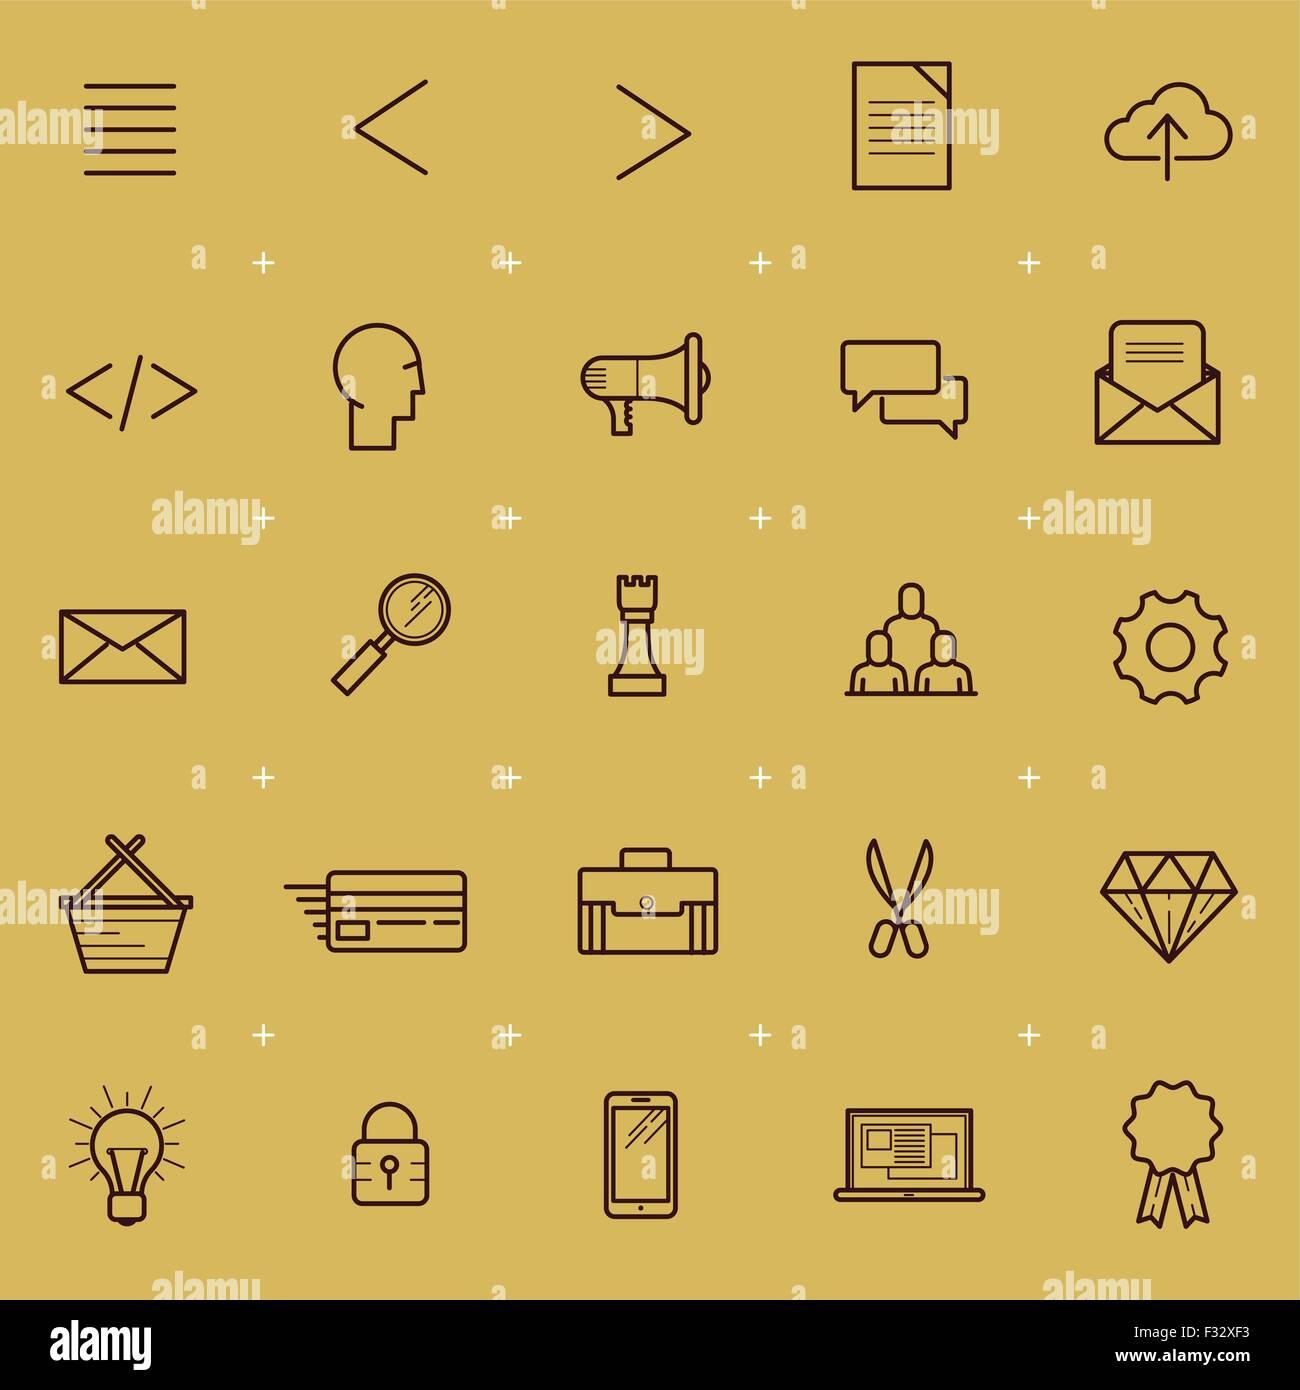 Y la Interfaz Web conjunto de iconos. Una colección de iconos de Internet y la navegación. Ilustración Imagen De Stock